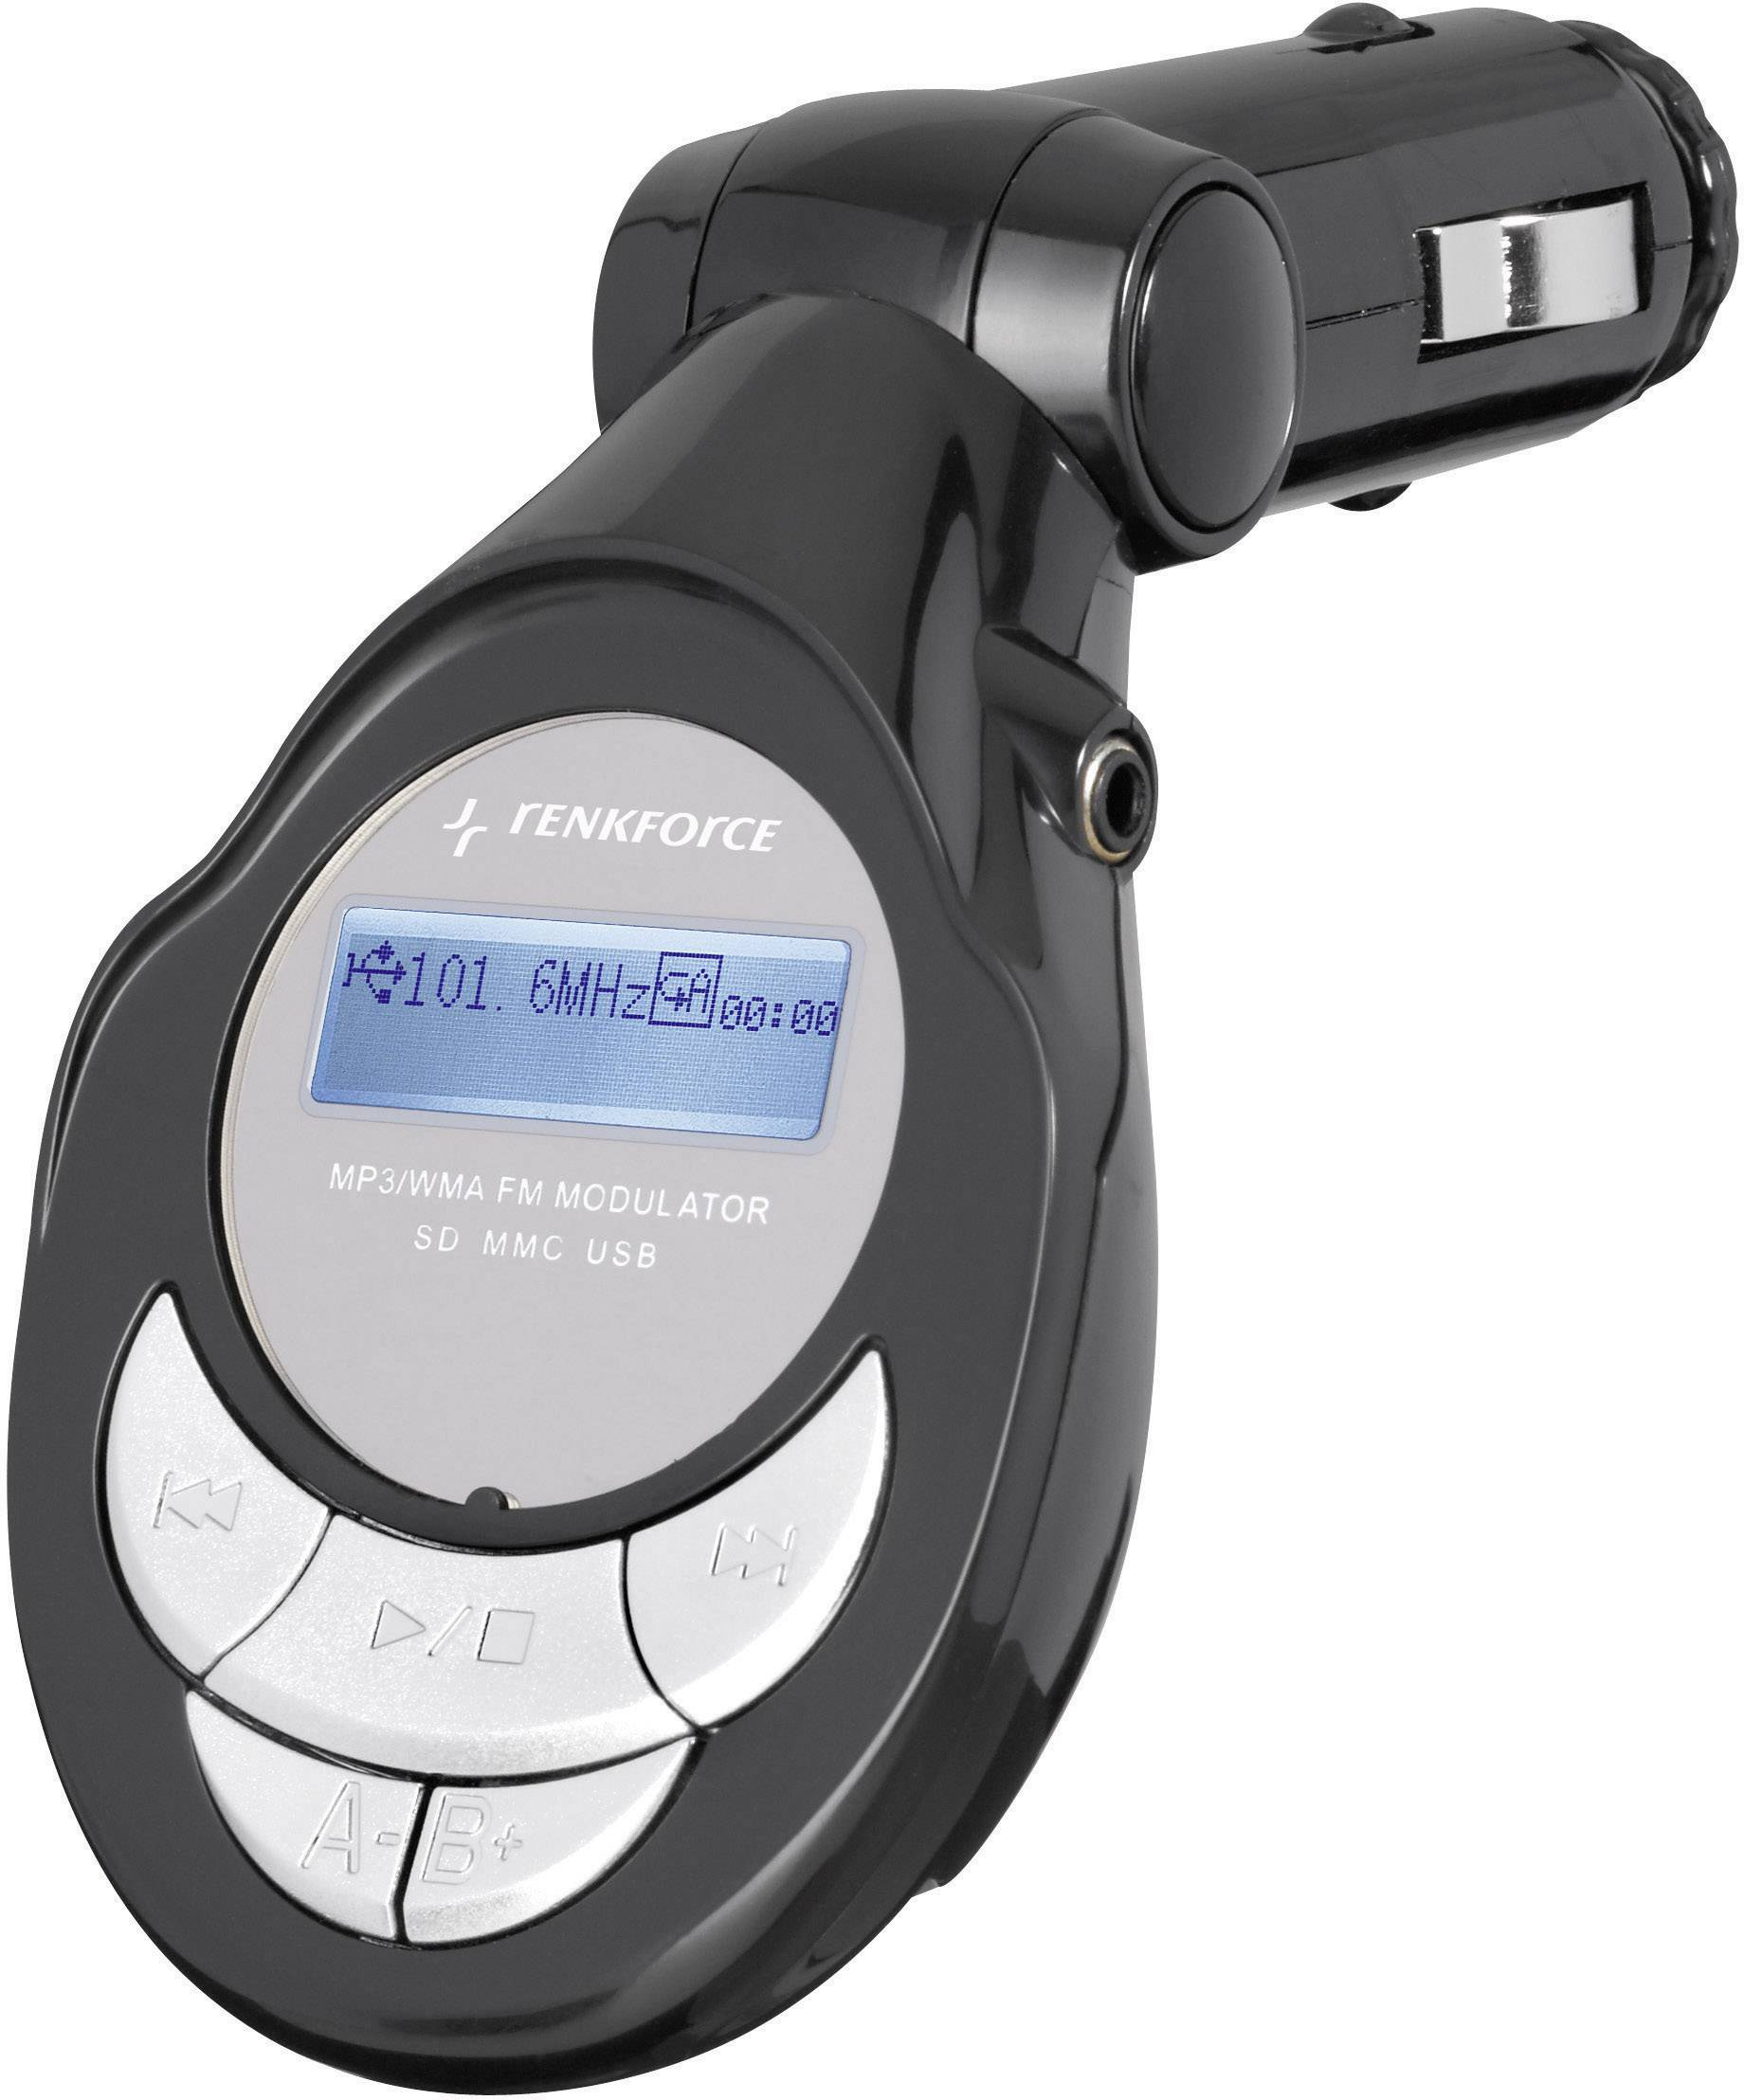 FM vysielač s MP3 prehrávačom a USB do autorádia, Renkforce 372241